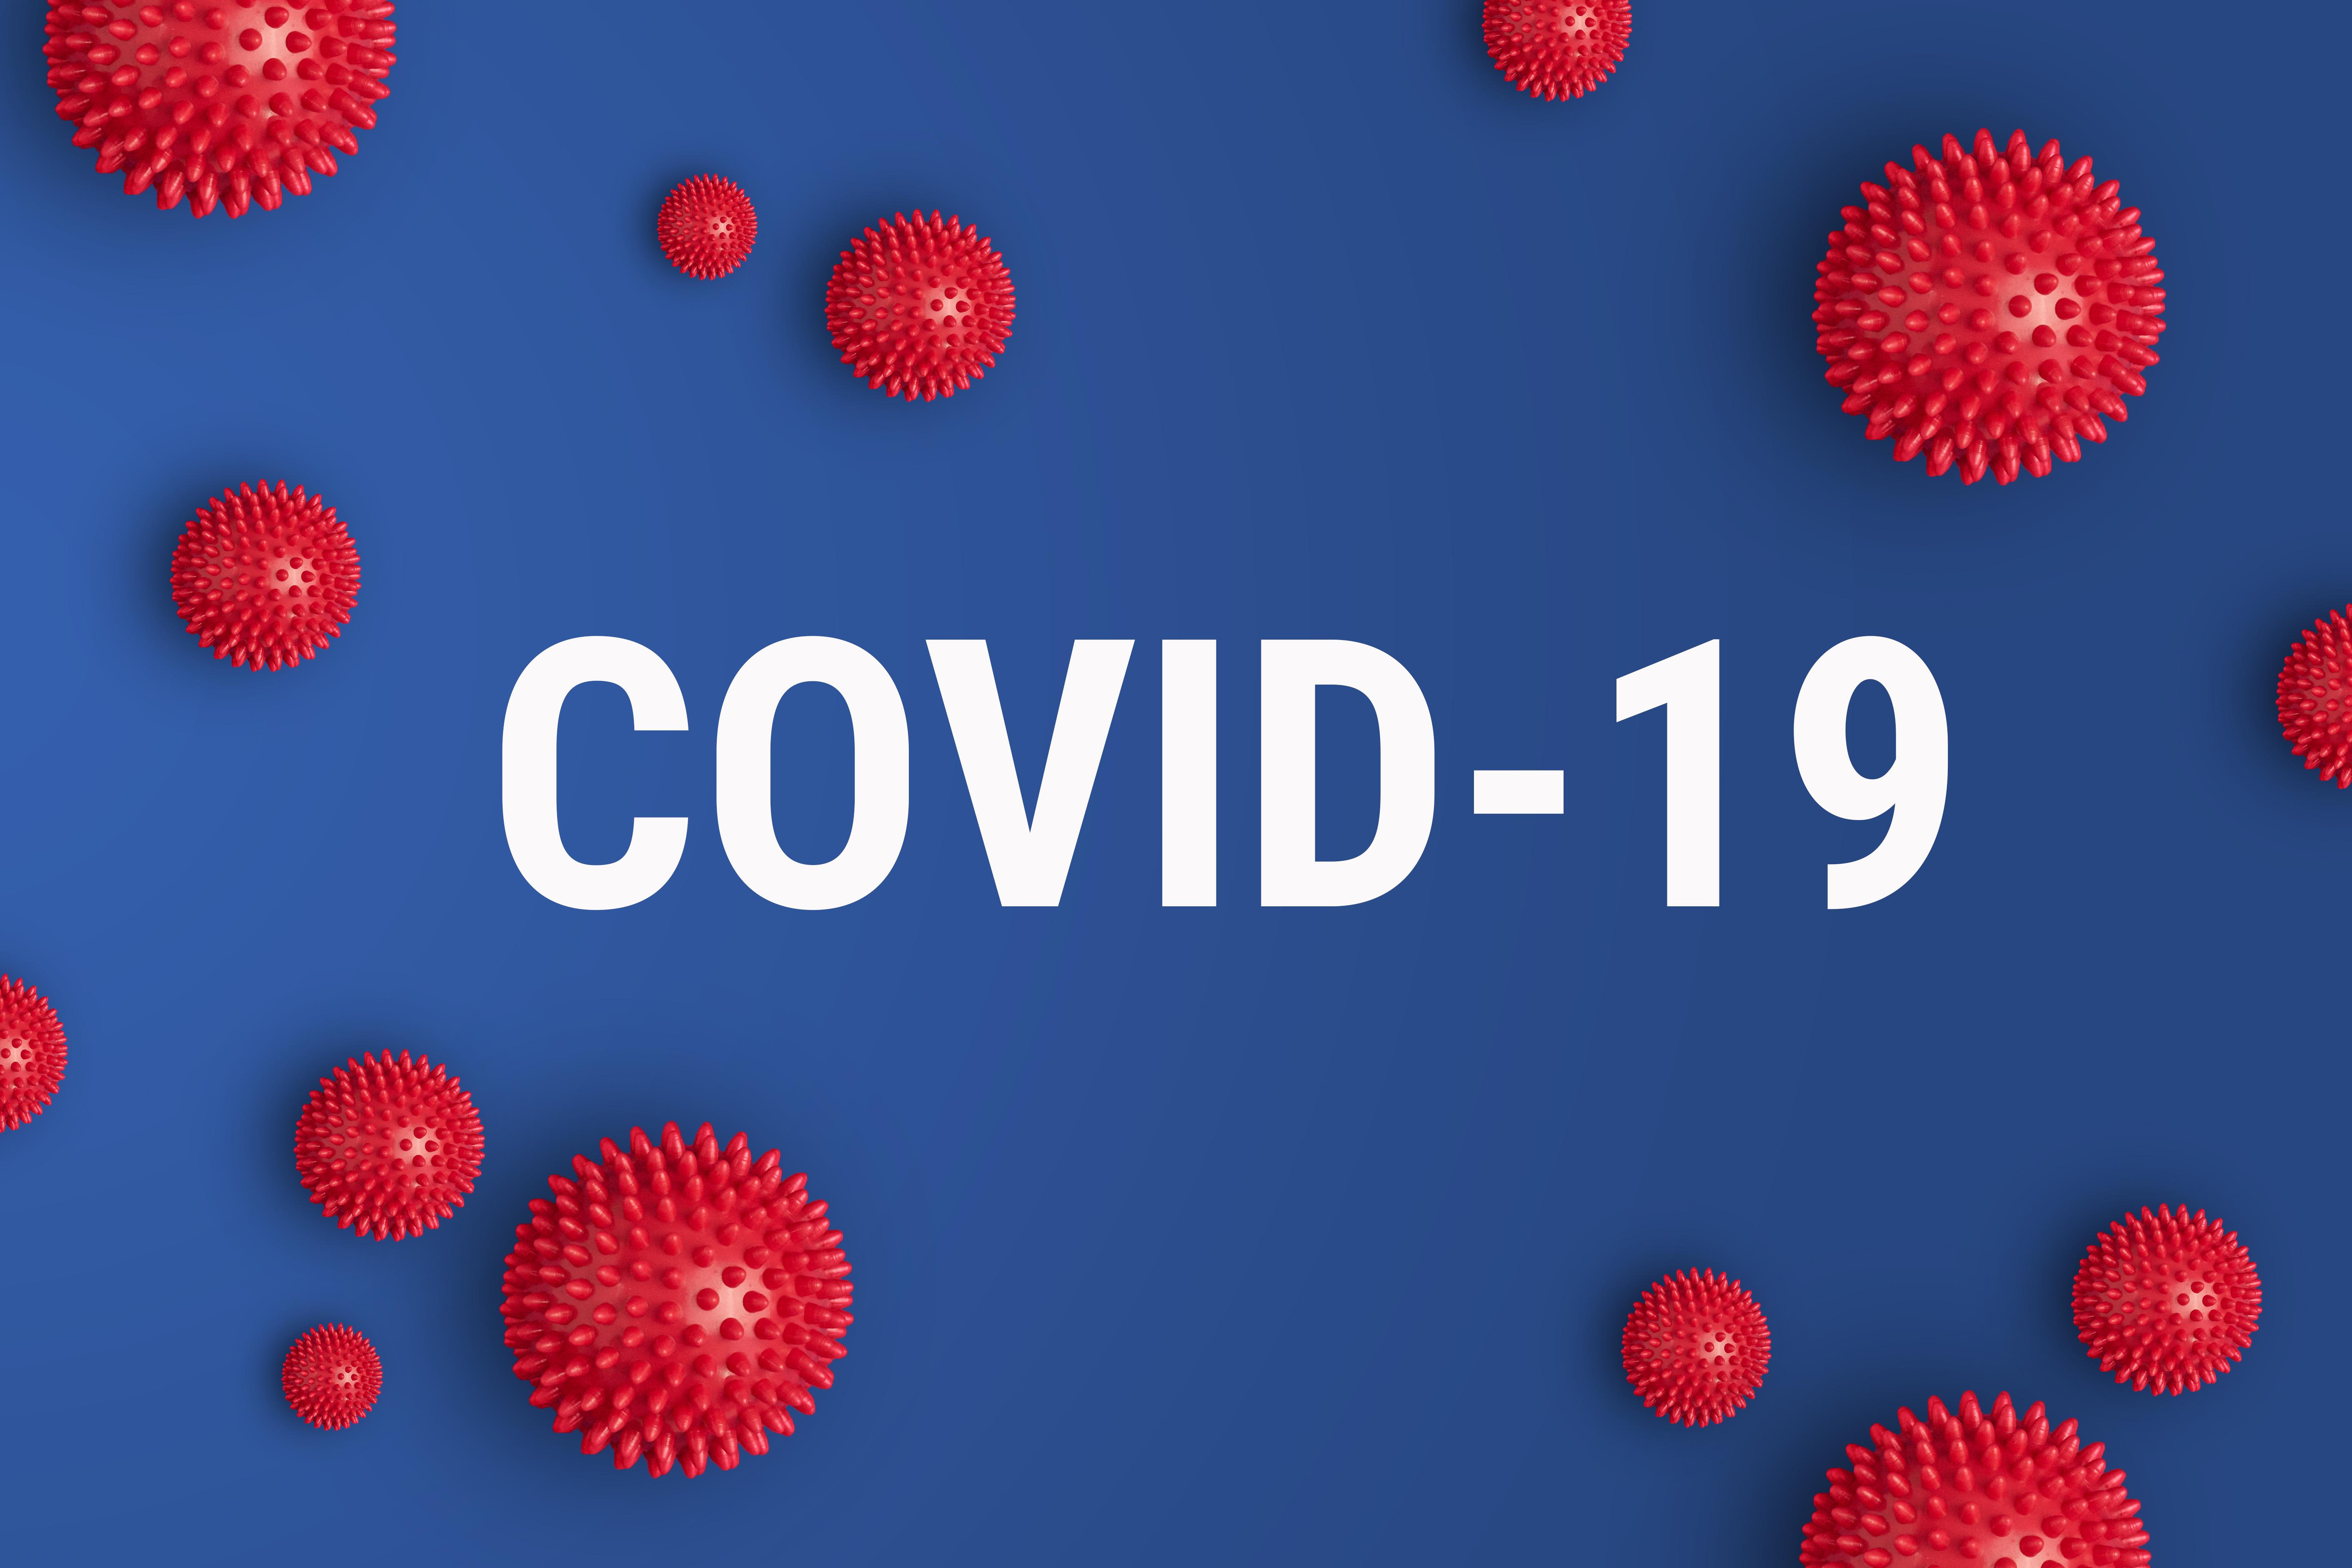 Coronavirus är inte ett utan ett stort antal virus varav ett fåtal varianter av viruset, som SARS-CoV-2 även smittar mellan djur och människor.